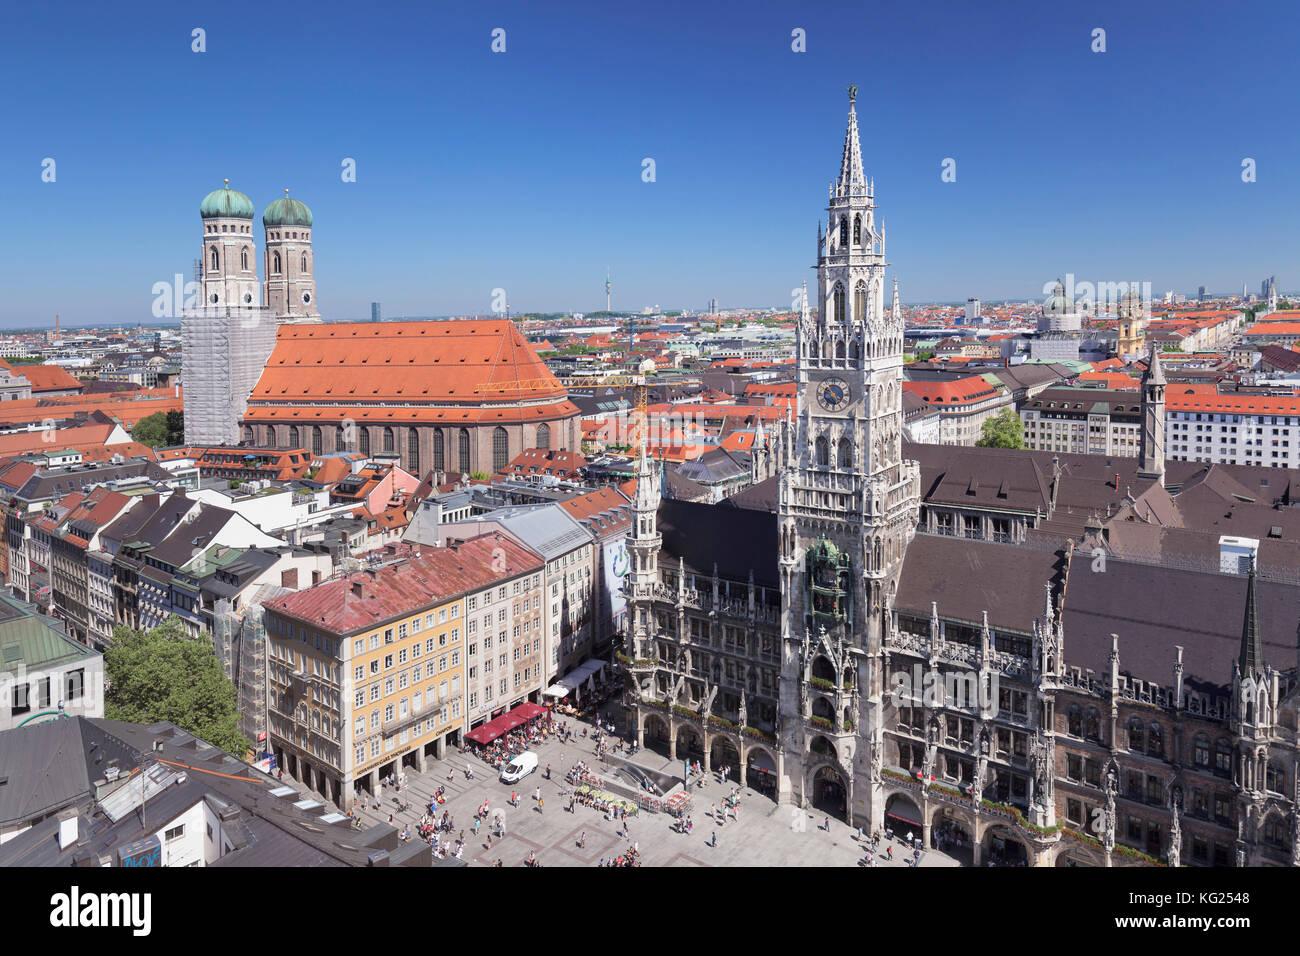 La place Marienplatz avec l'hôtel de ville (Neues Rathaus) et l'église Frauenkirche, Munich, Bavaria, Photo Stock